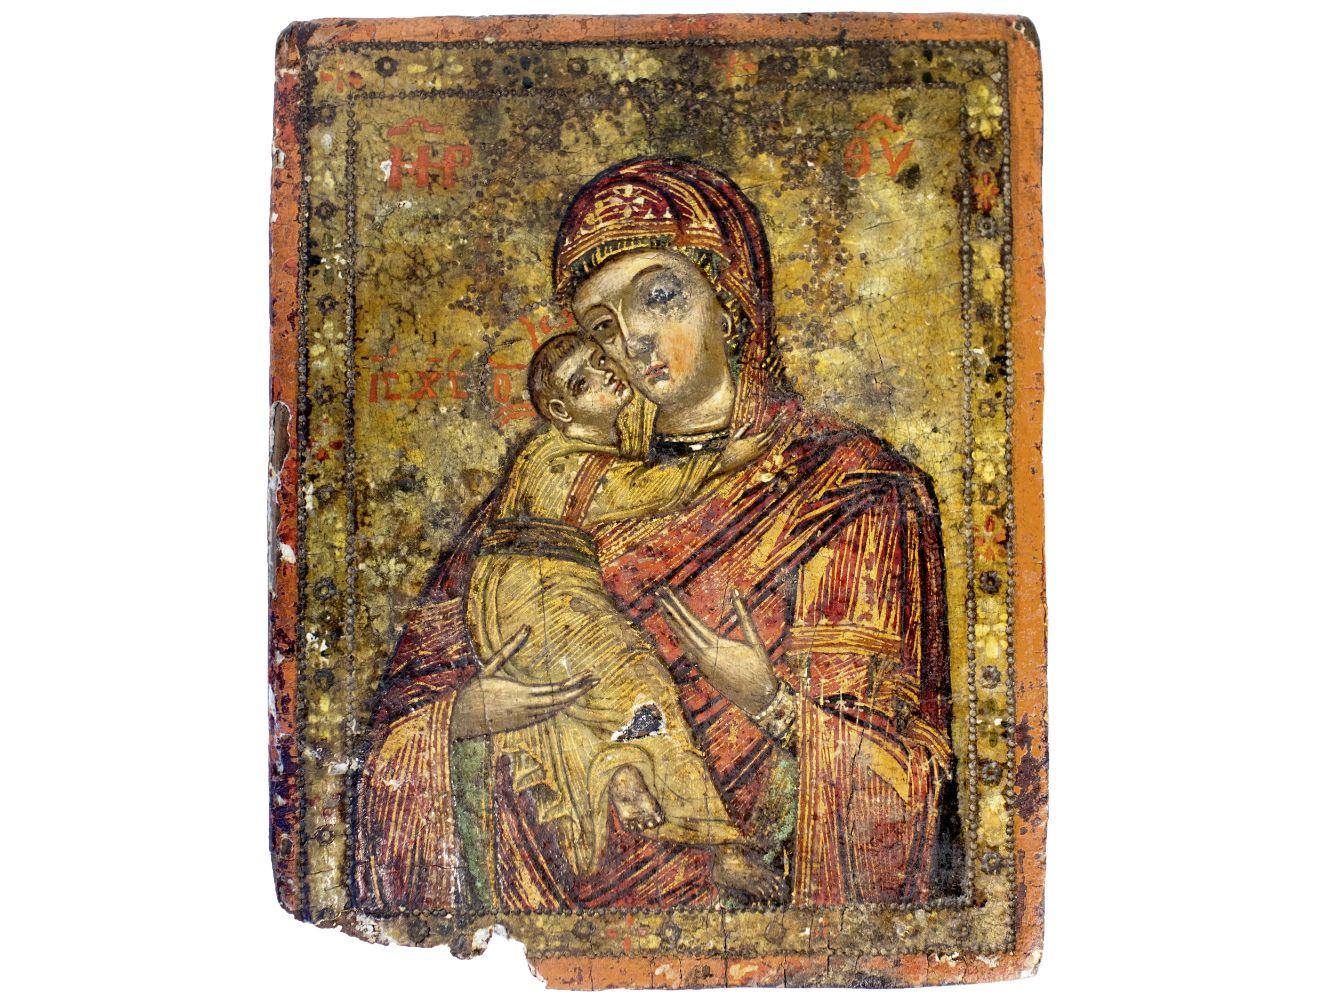 Nachverkauf der 1. Tiberius Auktion